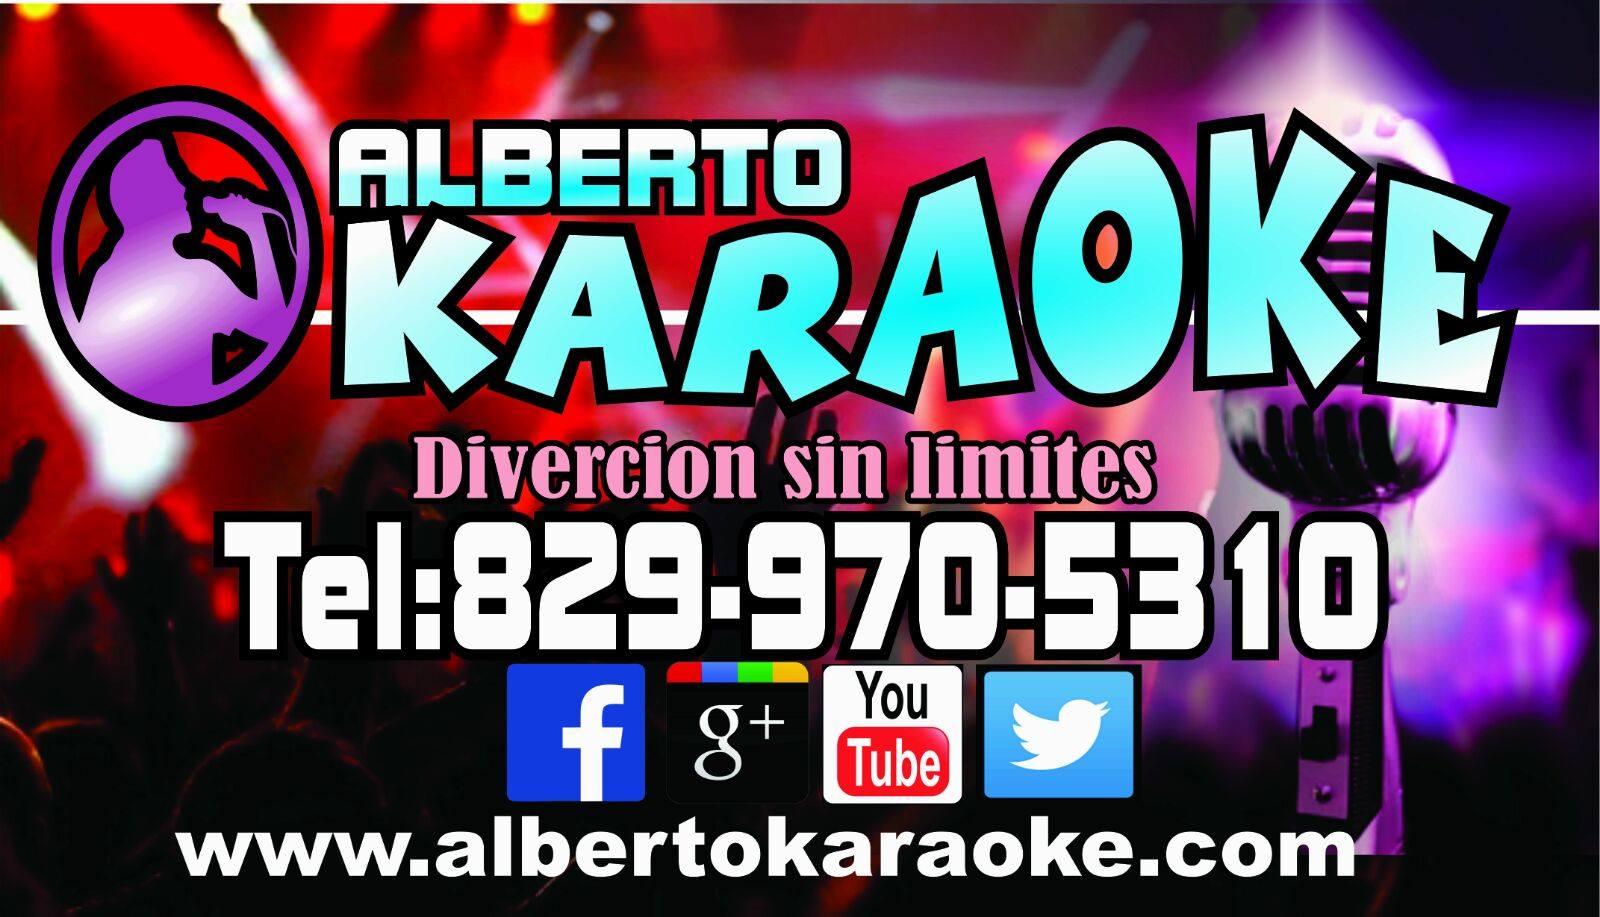 Alberto Karaoke